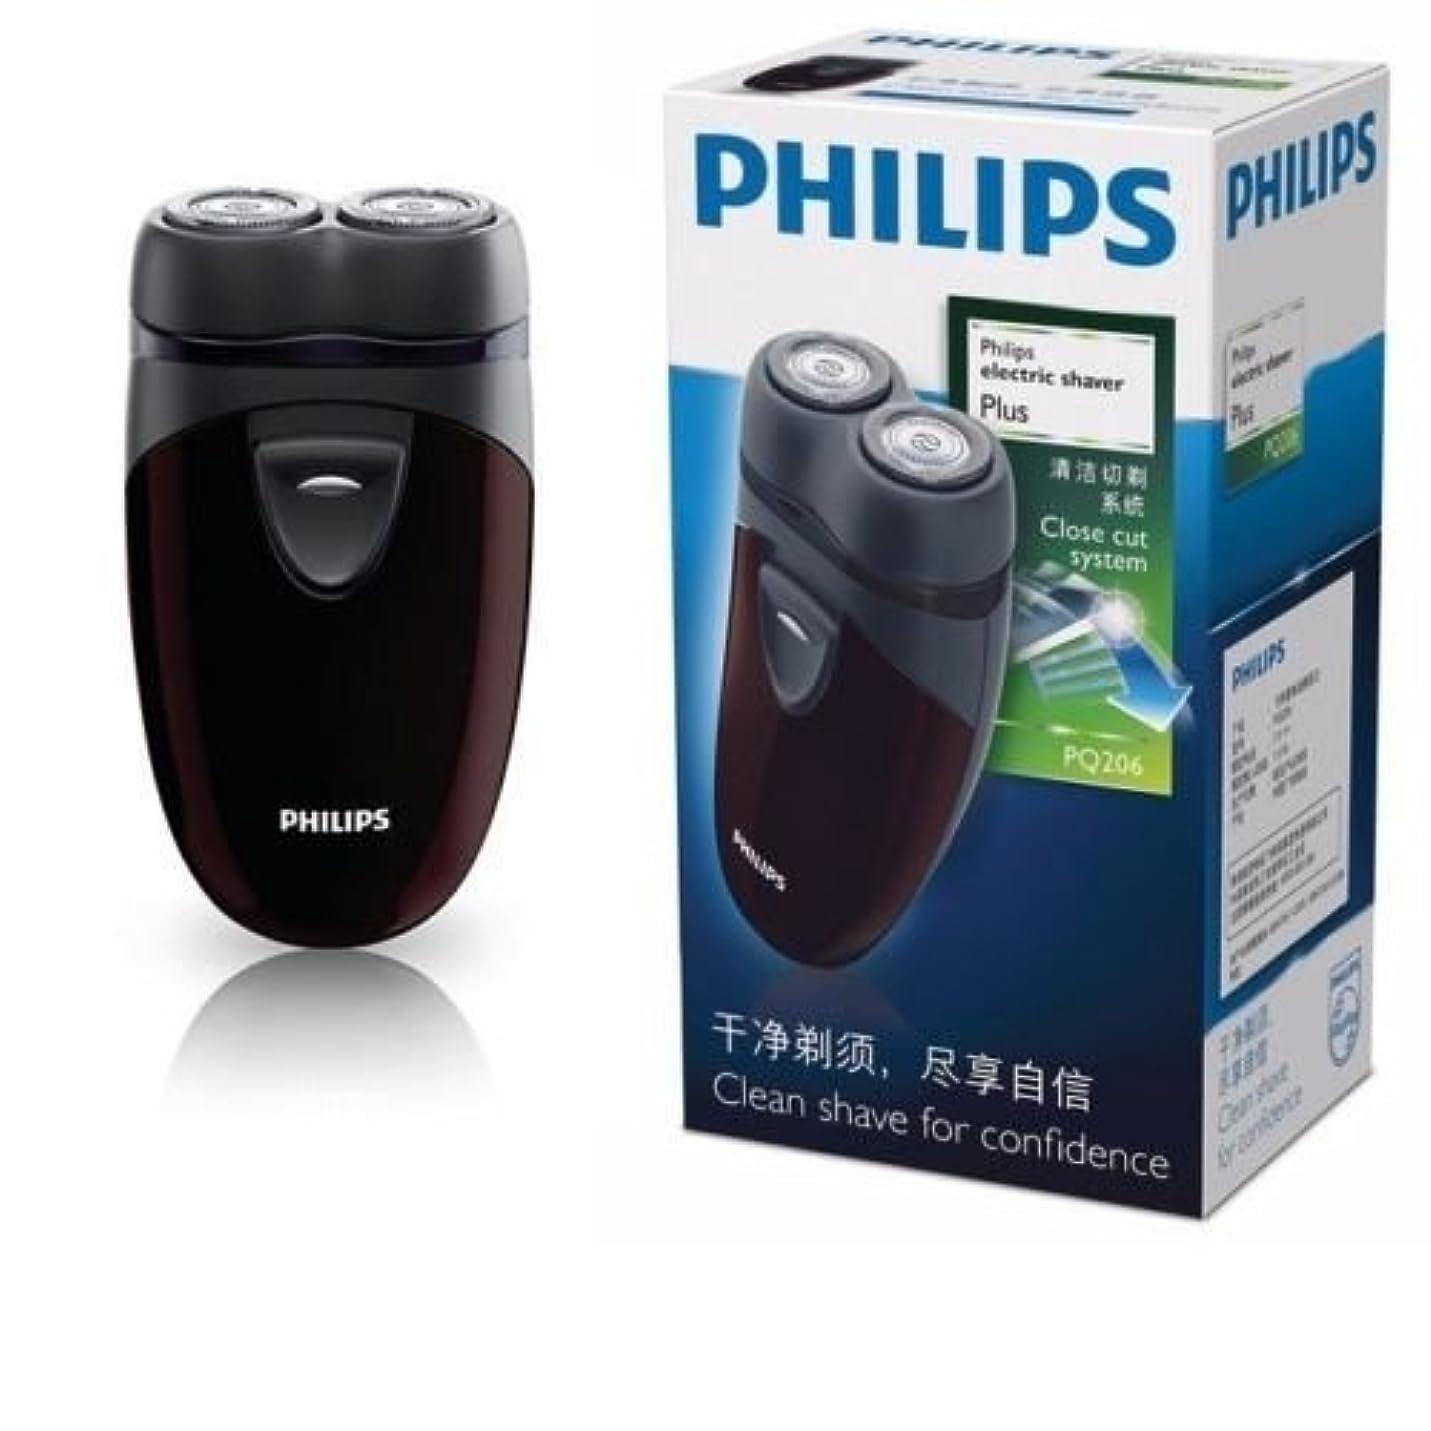 フェミニンまもなくプレビューPhilips PQ206 電気シェーバーのバッテリーは持ち運びに便利パワード [並行輸入品]